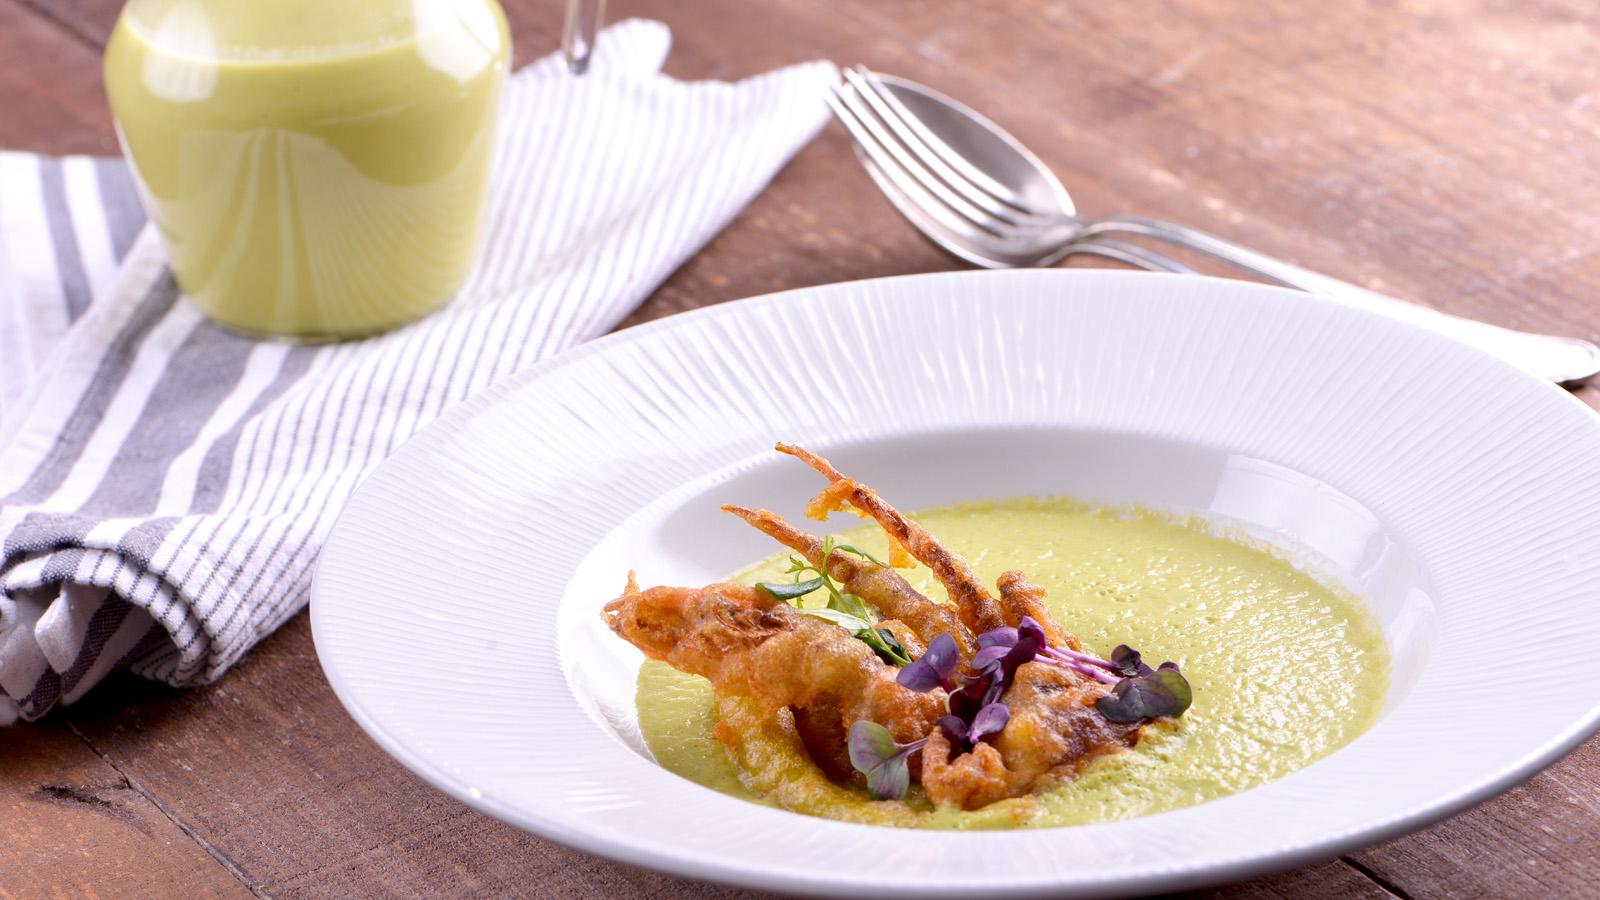 Crema de calabac n y puerro sergio fern ndez receta for Canal cocina sergio fernandez